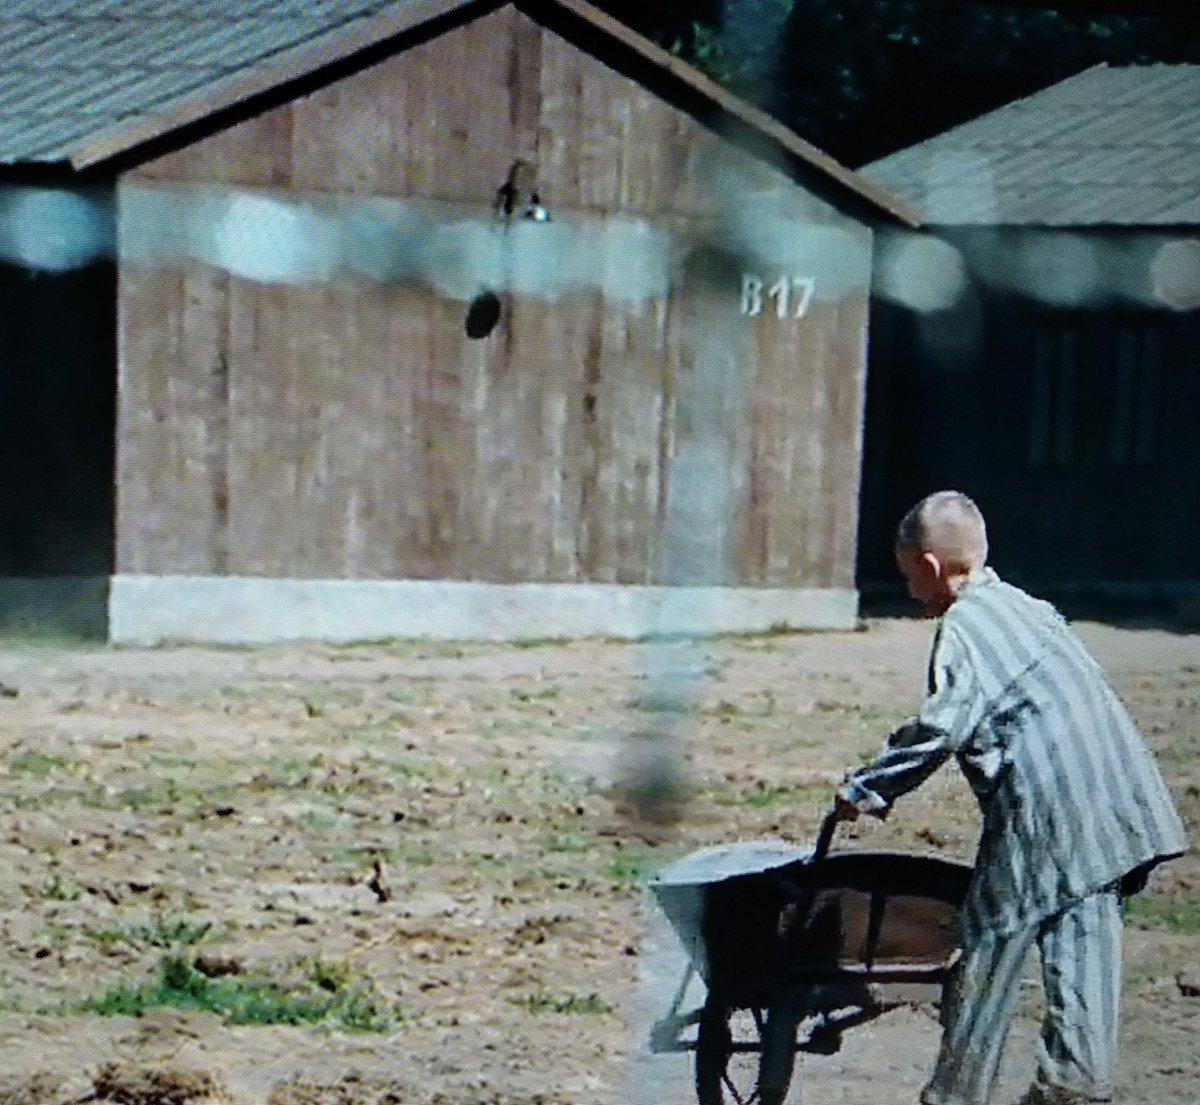 Vejam o número da cabana do campo de concentração no filme O Menino do Pijama Listrado